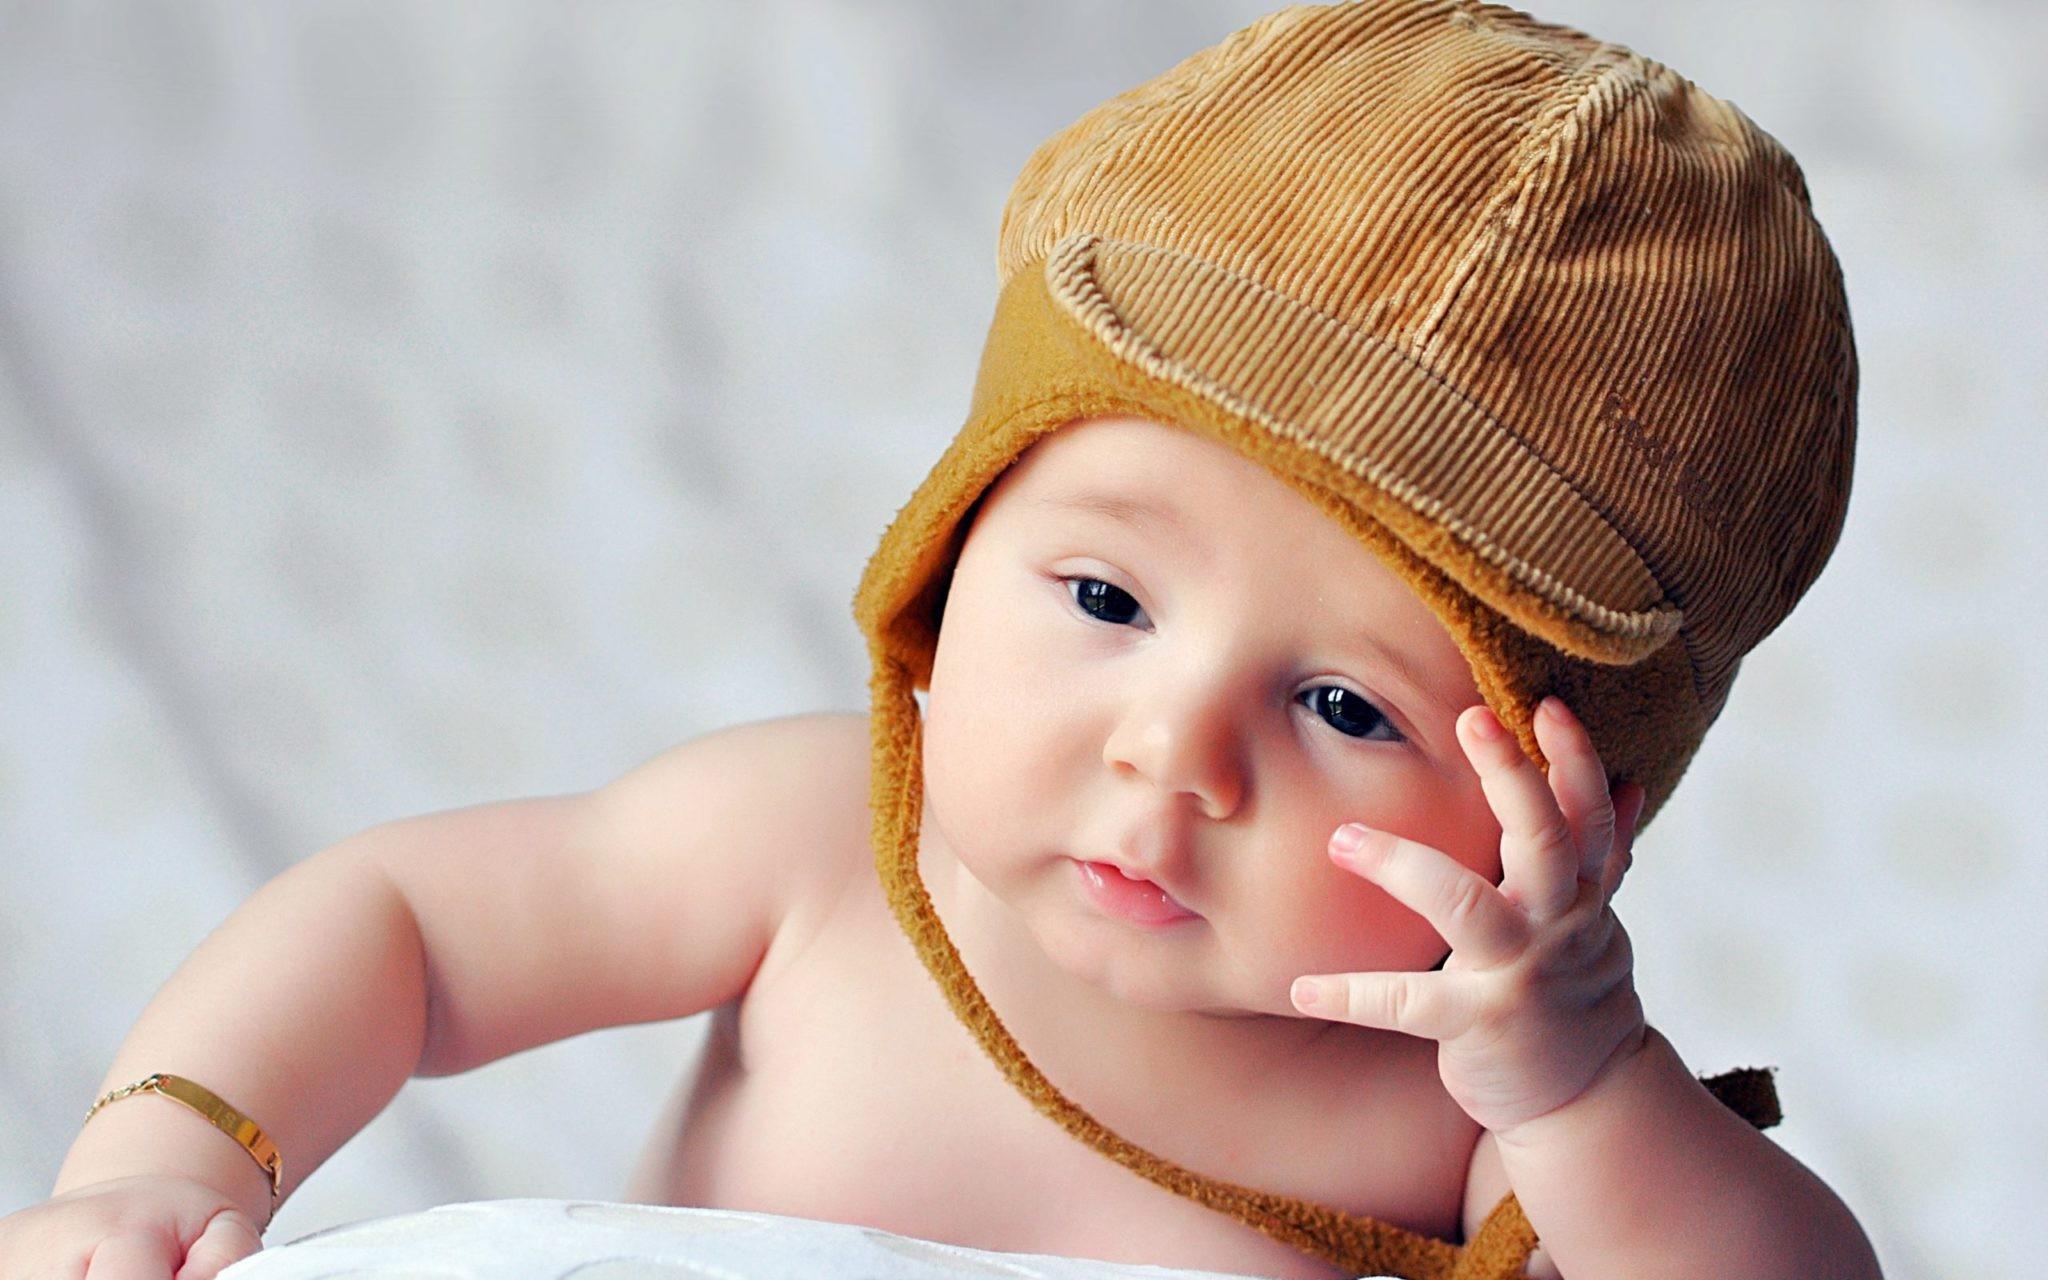 Phân biệt hăm tã và viêm da ở trẻ mẹ không thể bỏ qua